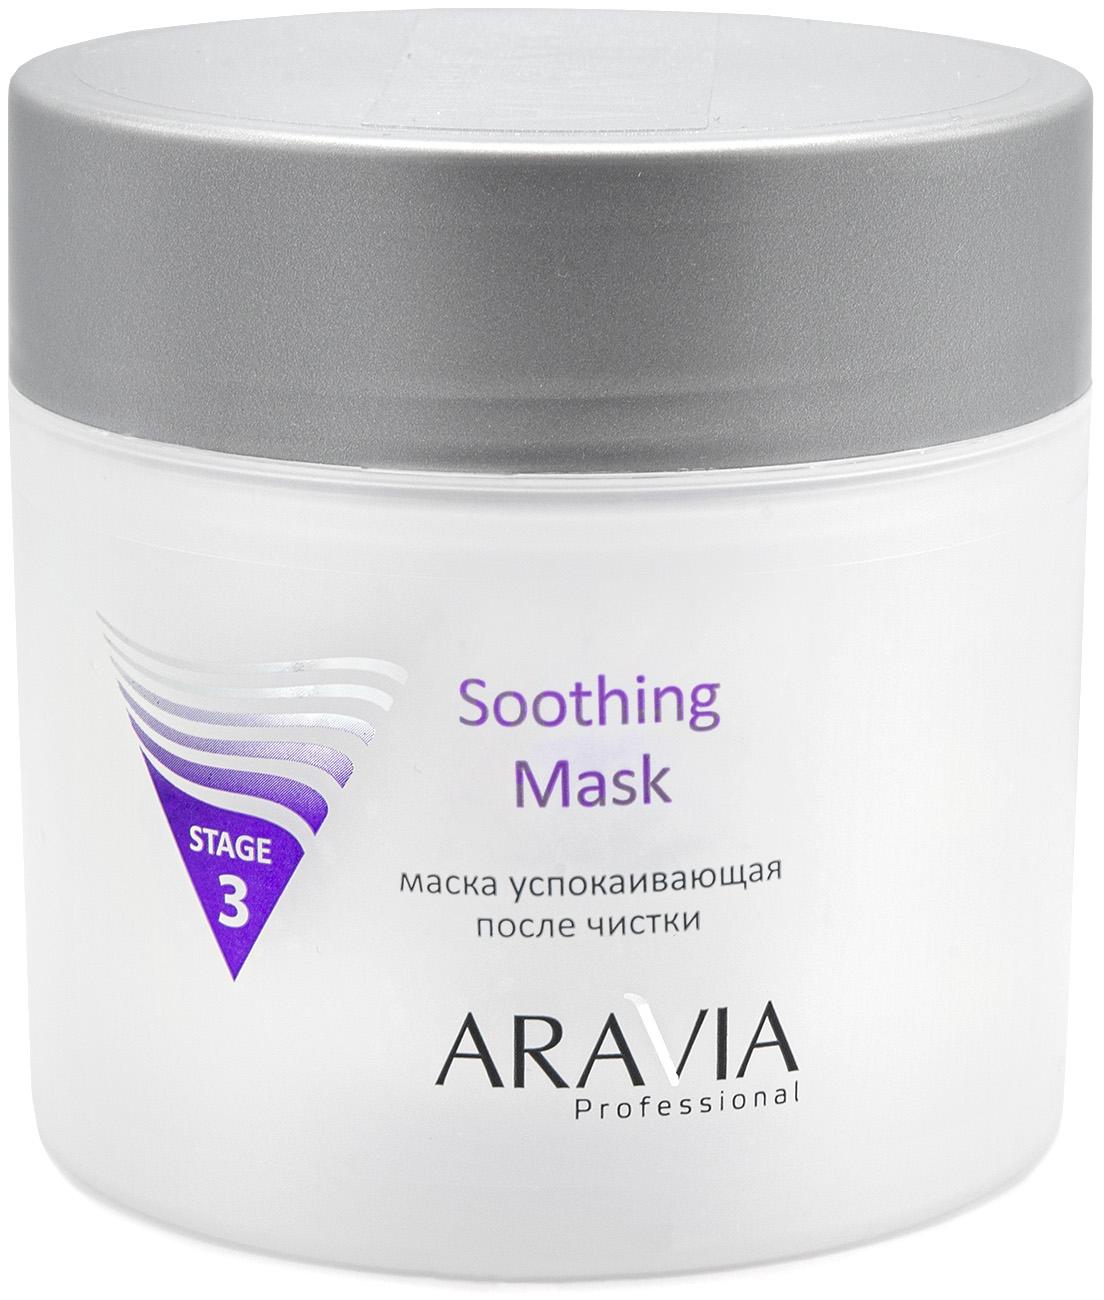 Купить Aravia Professional Маска успокаивающая после чистки Soothing Mask, 300 мл (Aravia Professional, Уход за лицом), Россия